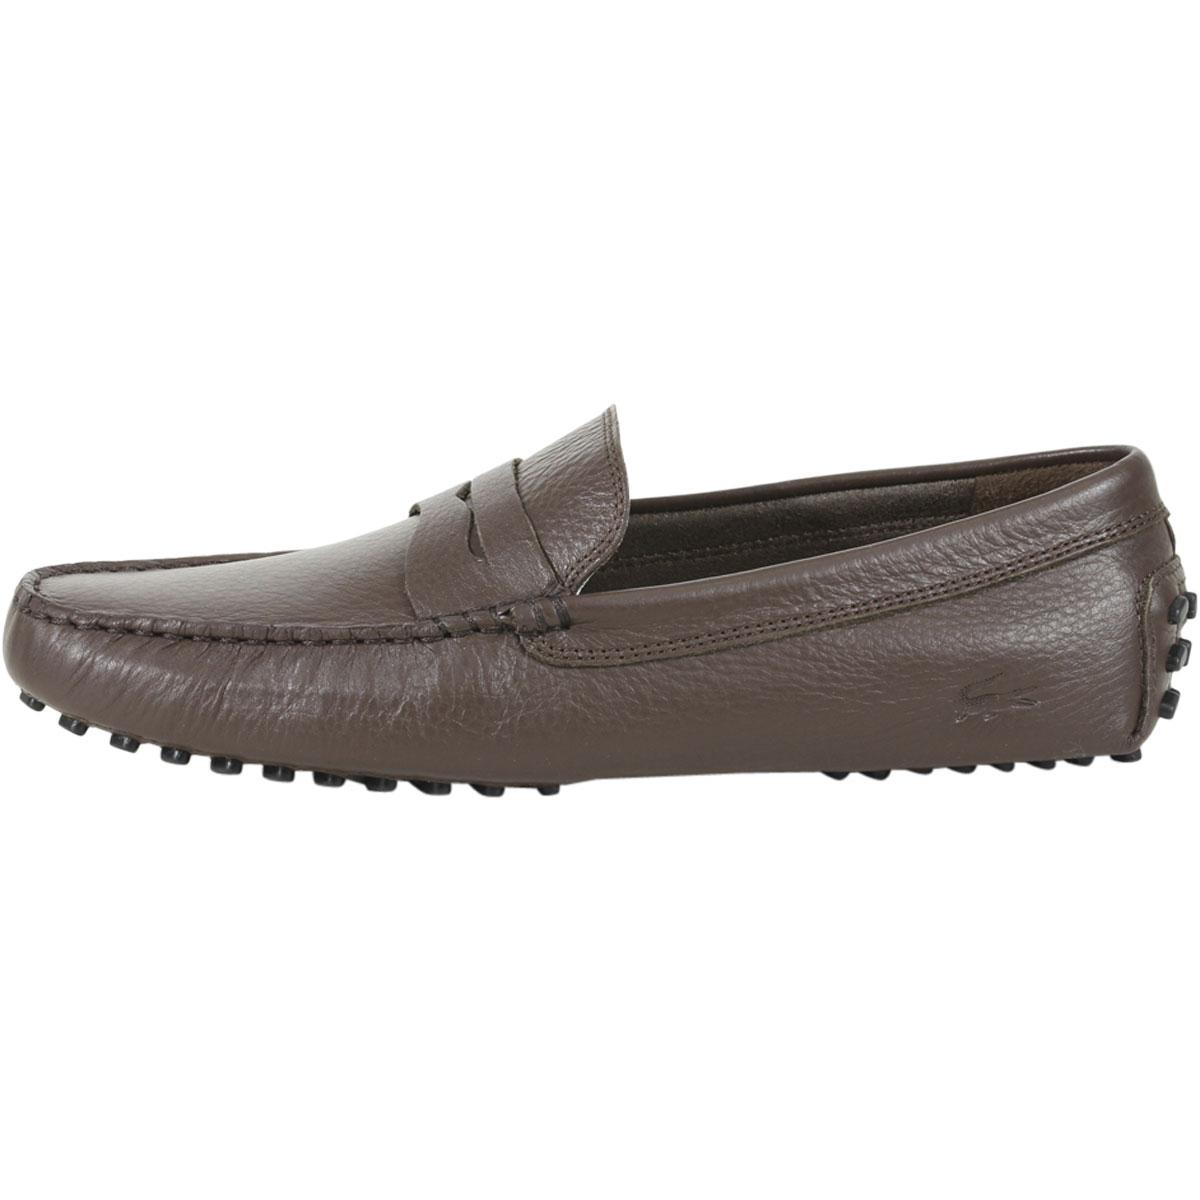 1234b531c0 Lacoste-Homme-Concours-118-Mocassins-Semelle-Caoutchouc-Chaussures miniature